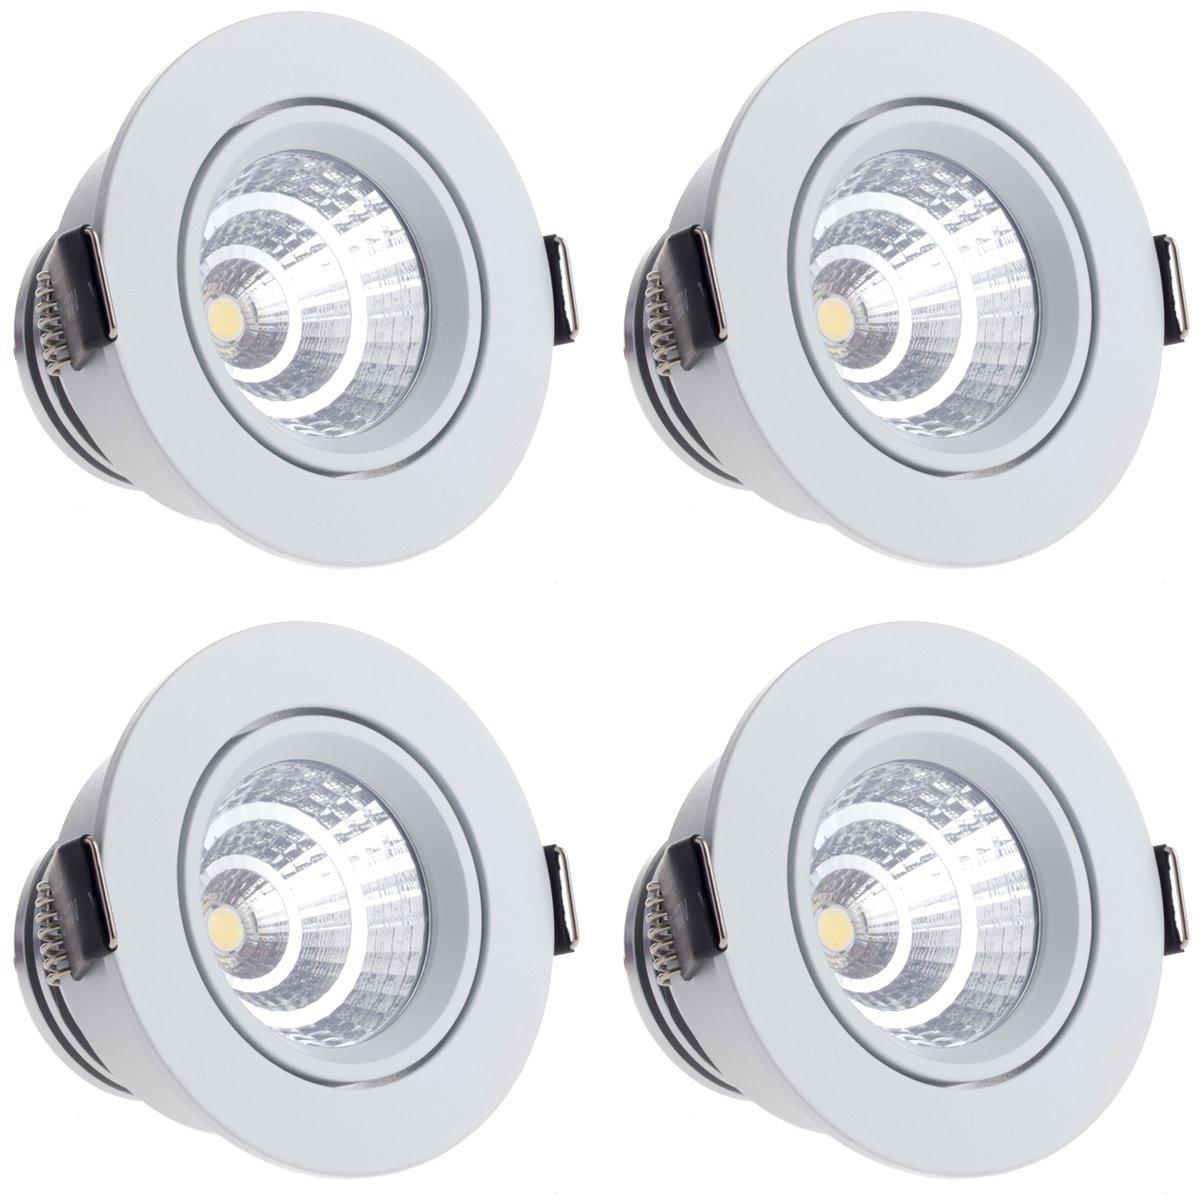 Sensati Kleine exklusive Design LED Einbauleuchte Downlight Spot Set zu 4 Stück, schwenkbar, dimmbar 1088 lm, inklusive Treiber, Gehäusefarbe weiß, kaltweiß T105 4 CW W